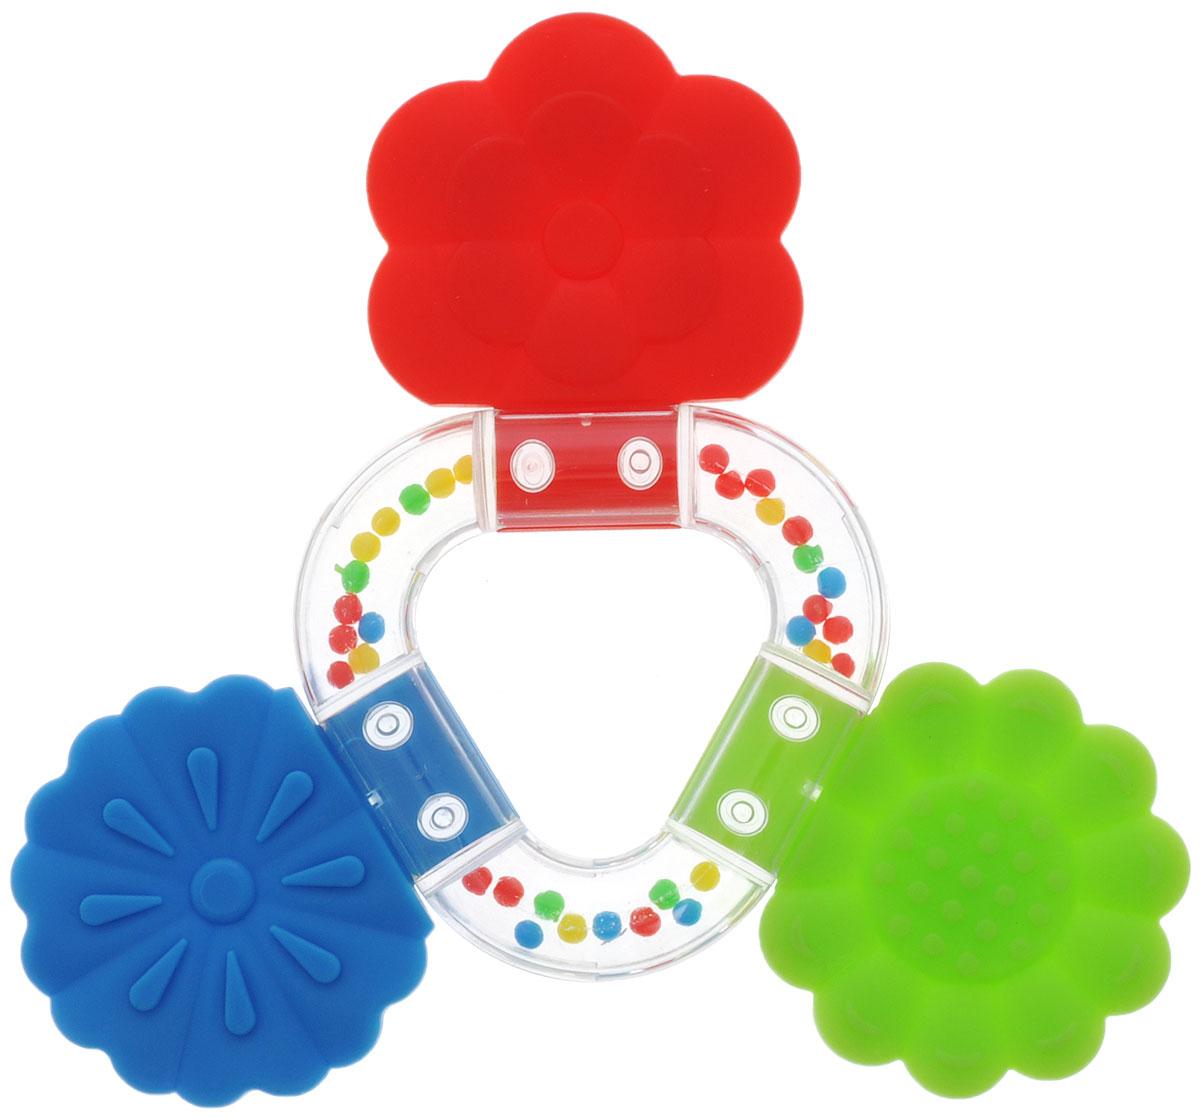 Stellar Погремушка-прорезыватель Букетик цвет красный зеленый синий1563_красный, зеленый, синийПрорезыватель - одна из важных игрушек на этапе младенчества. Он помогает разрабатывать жевательные навыки и мимику. Погремушка-прорезыватель Stellar Букетик - яркая и интересная игрушка, которая займет малютку на долгое время, а вам позволит отдохнуть. Центральная часть игрушки наполнена цветными шариками, которые весело шумят при встряхивании. Малыш с удовольствием будет исследовать новую форму, наслаждаясь красивыми цветами.